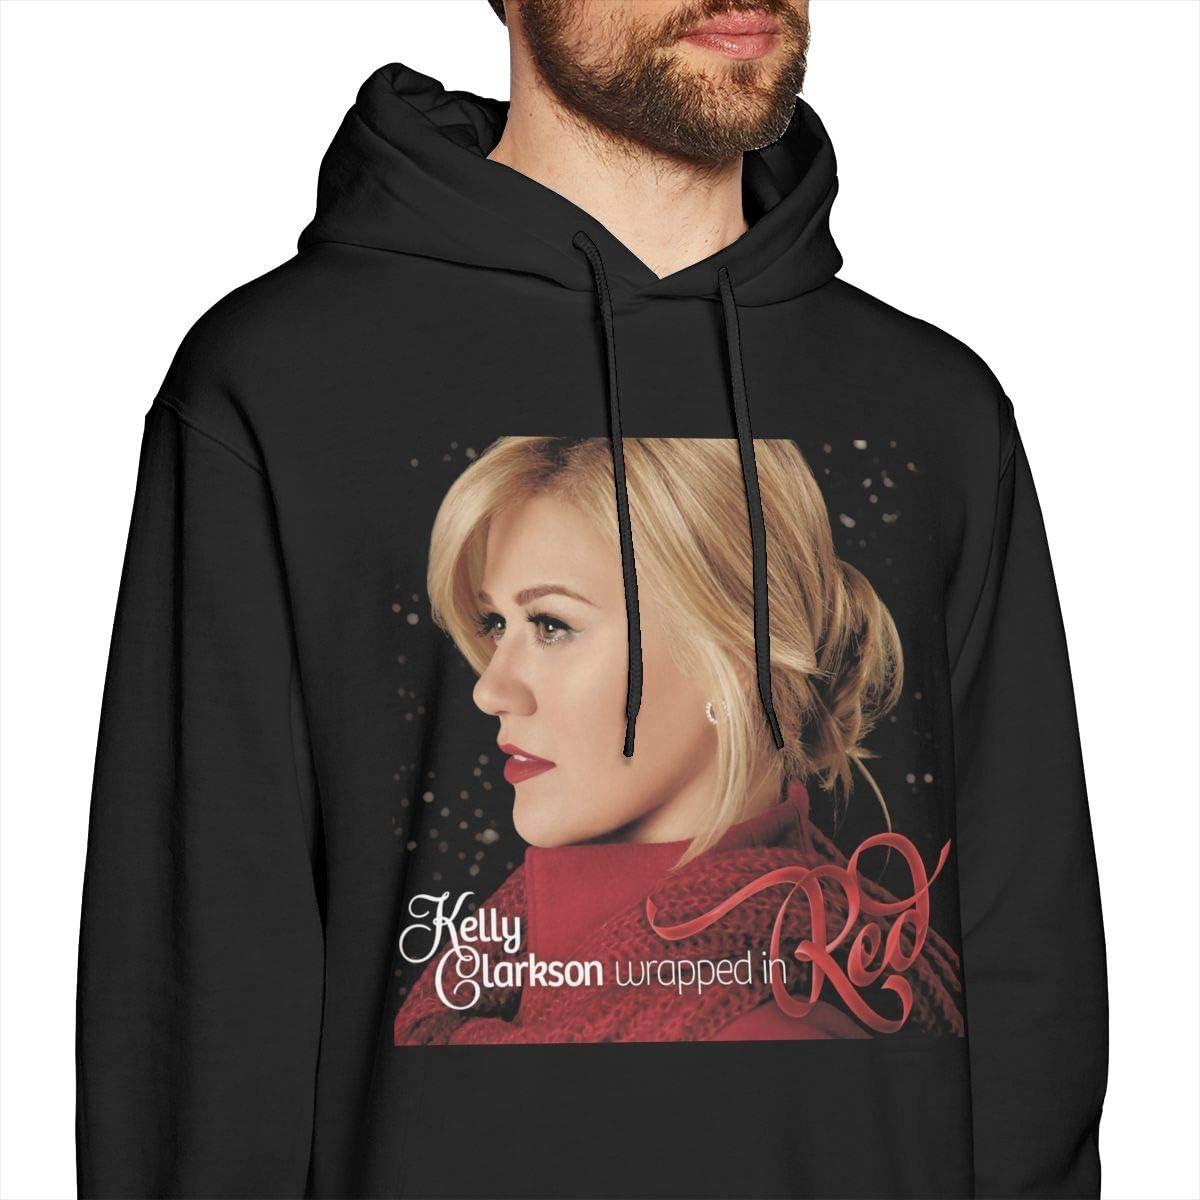 PeterjPan Kelly Clarkson Wrapped in Red Sweatshirts for Men Hoodies Black